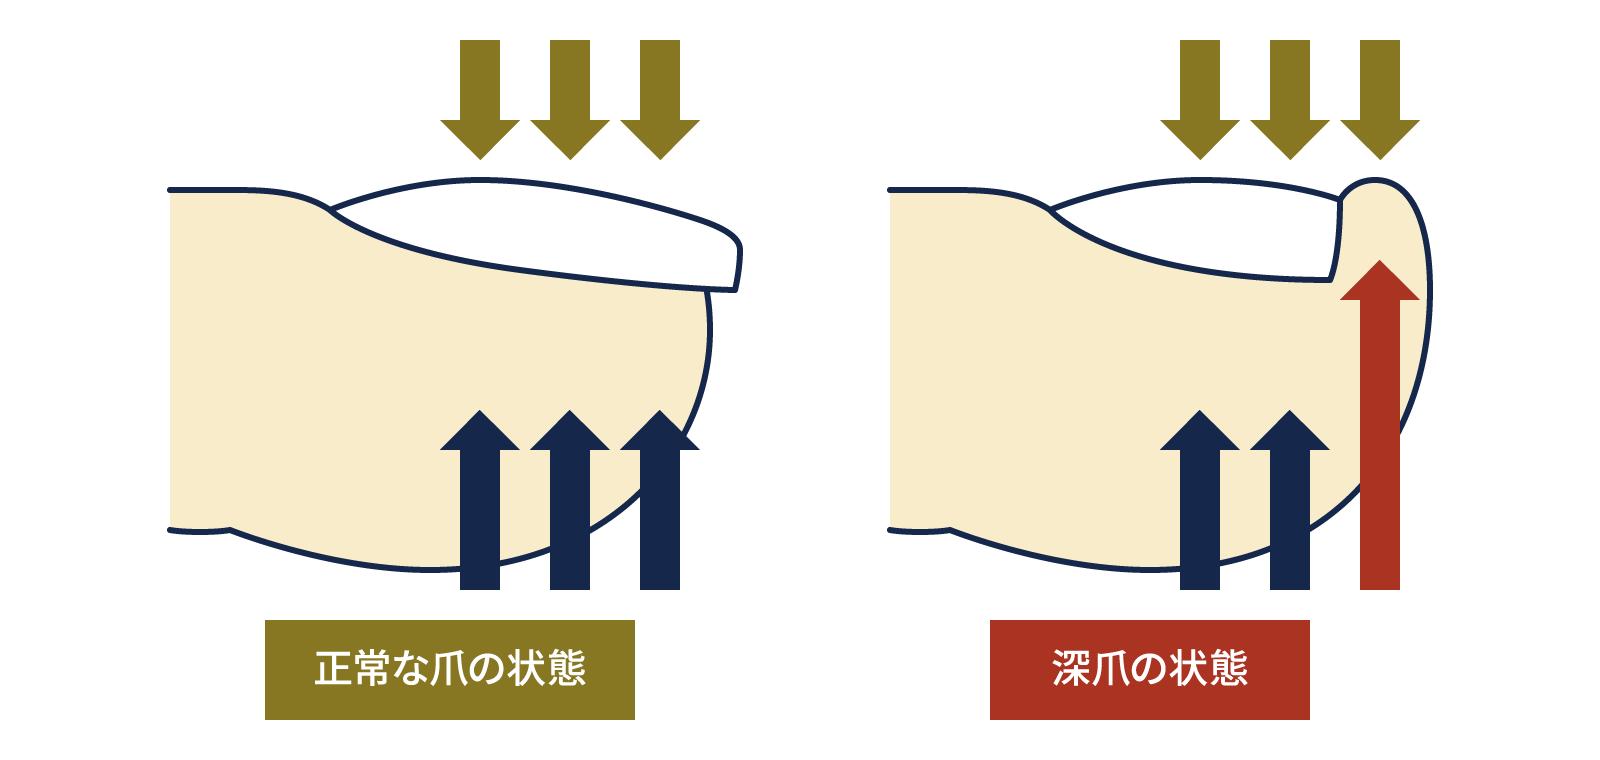 深爪と巻き爪の関係